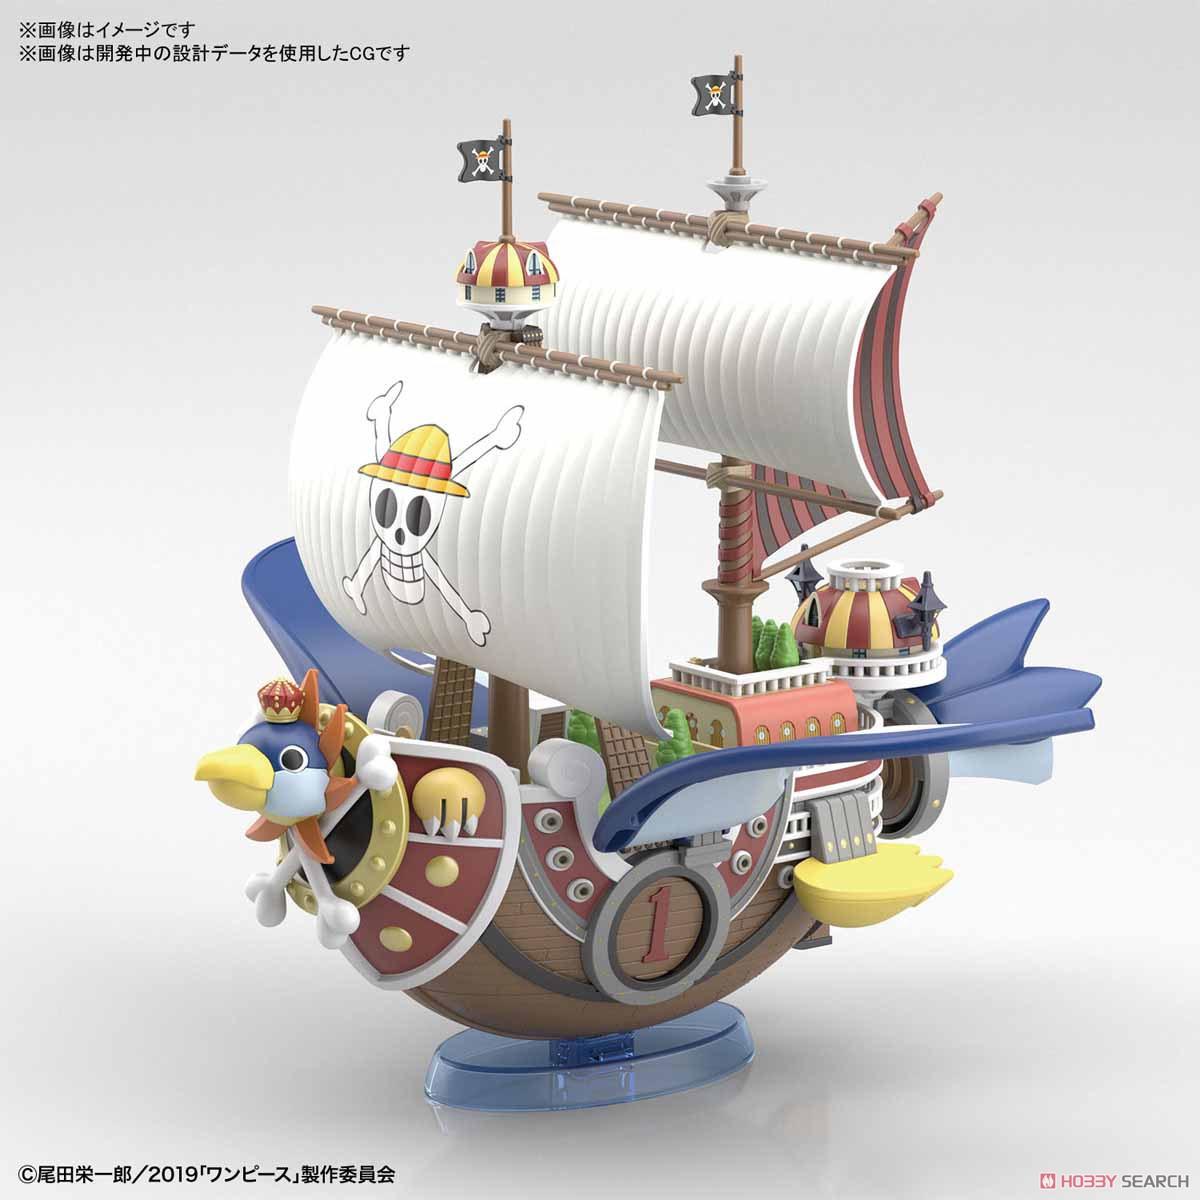 偉大なる船コレクション『サウザンド・サニー号 フライングモデル』ワンピース プラモデル-004